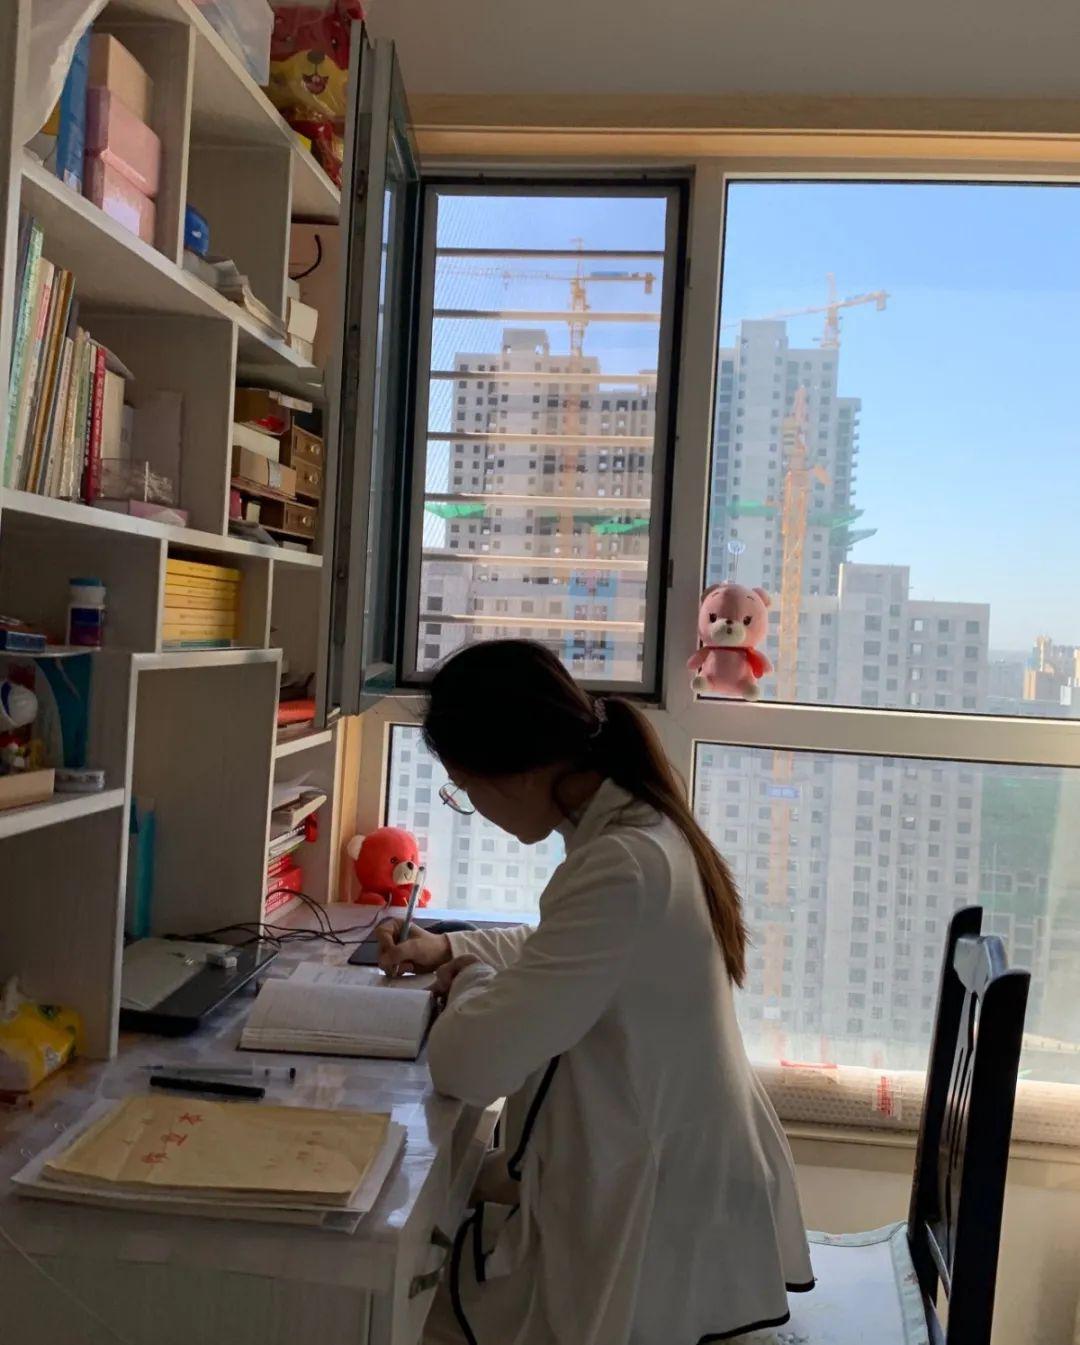 衡水志臻中学初一年级班主任寄语4681 作者: 来源: 发布时间:2020-3-21 14:52